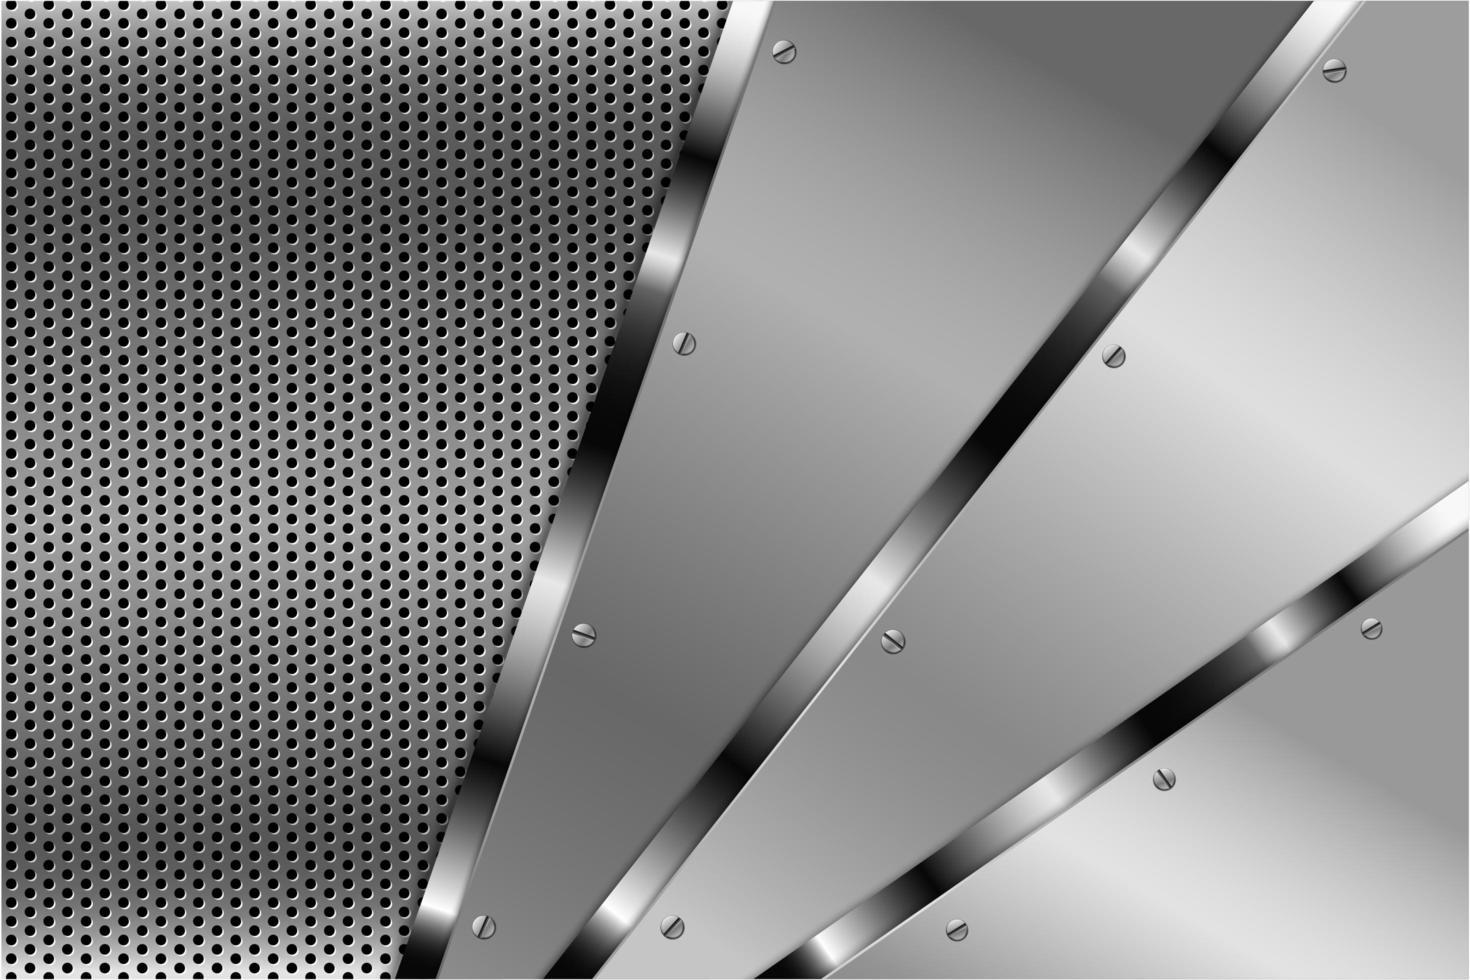 pannelli ad angolo argento metallizzato con viti su struttura perforata vettore